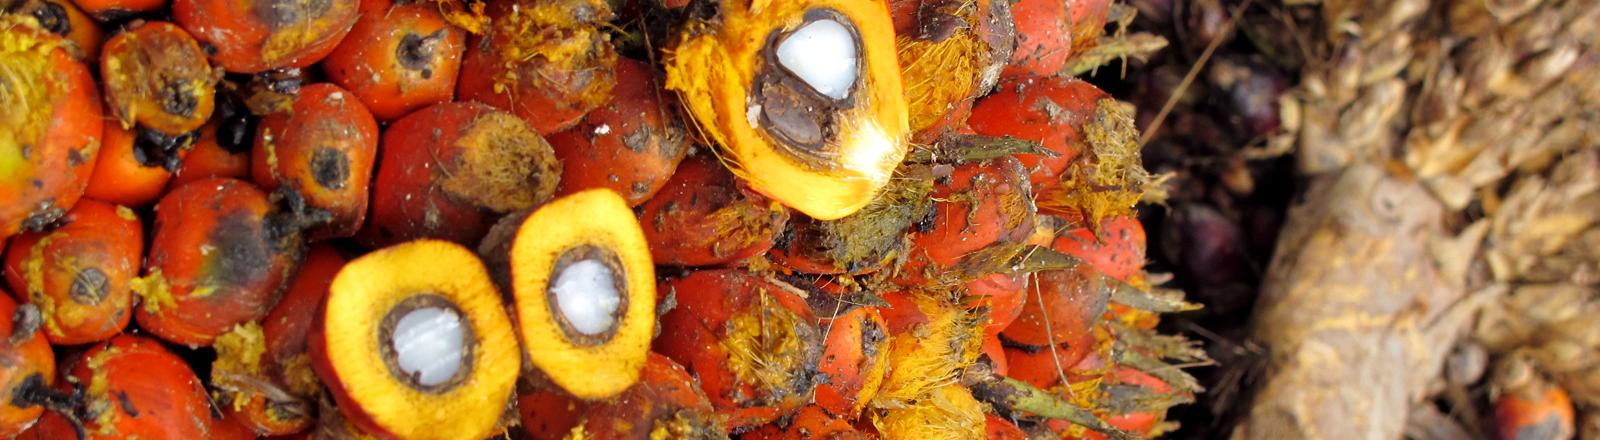 Nahaufnahme einer Palmöl-Pflanze